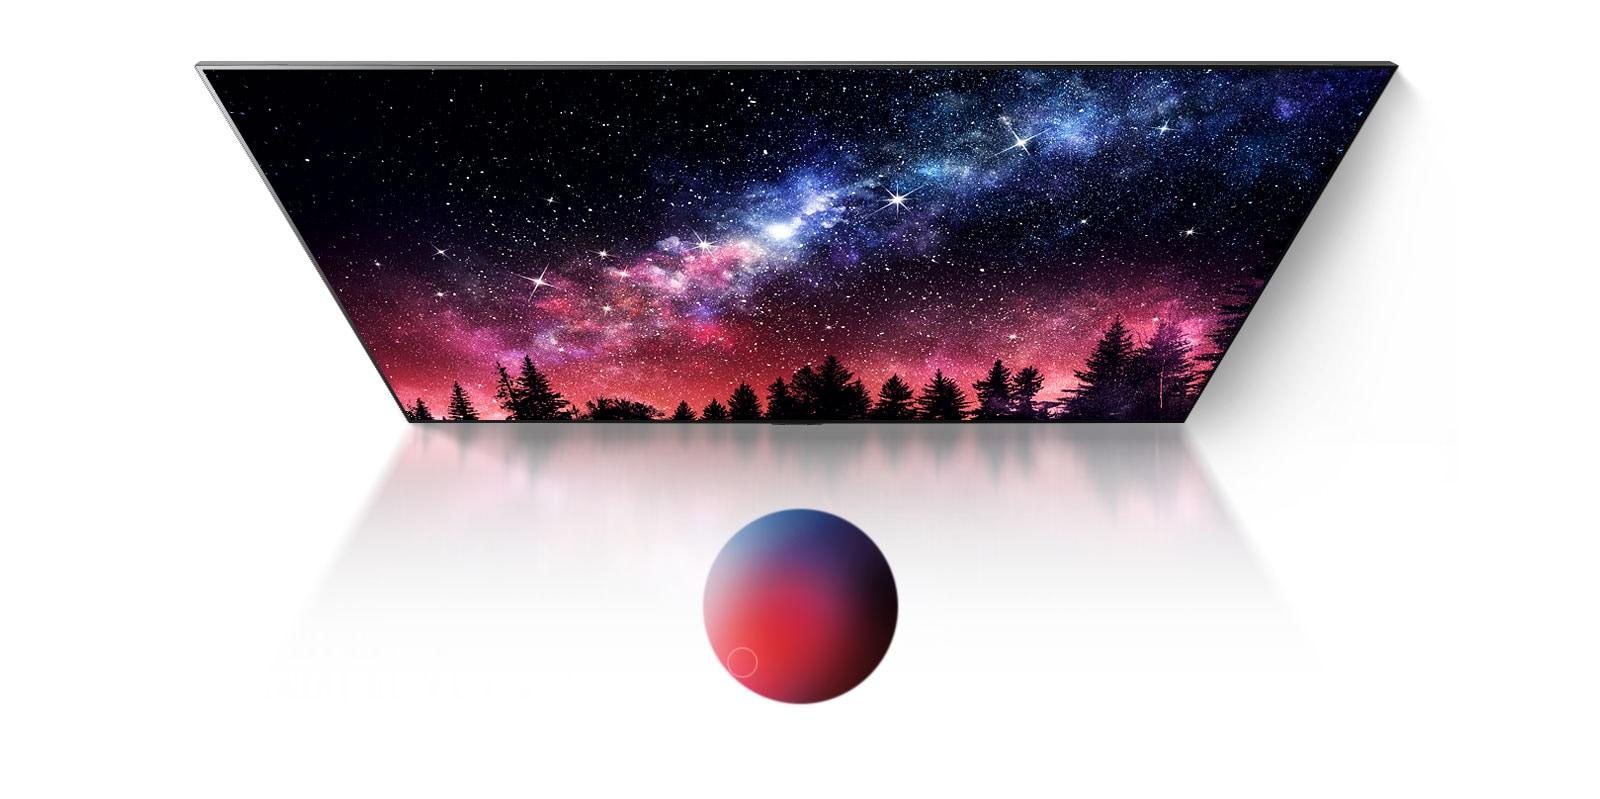 Televizijski zaslon v visoki kakovosti prikazuje Mlečno pot, modro nebo in pišu pisanega prahu (predvajaj video)